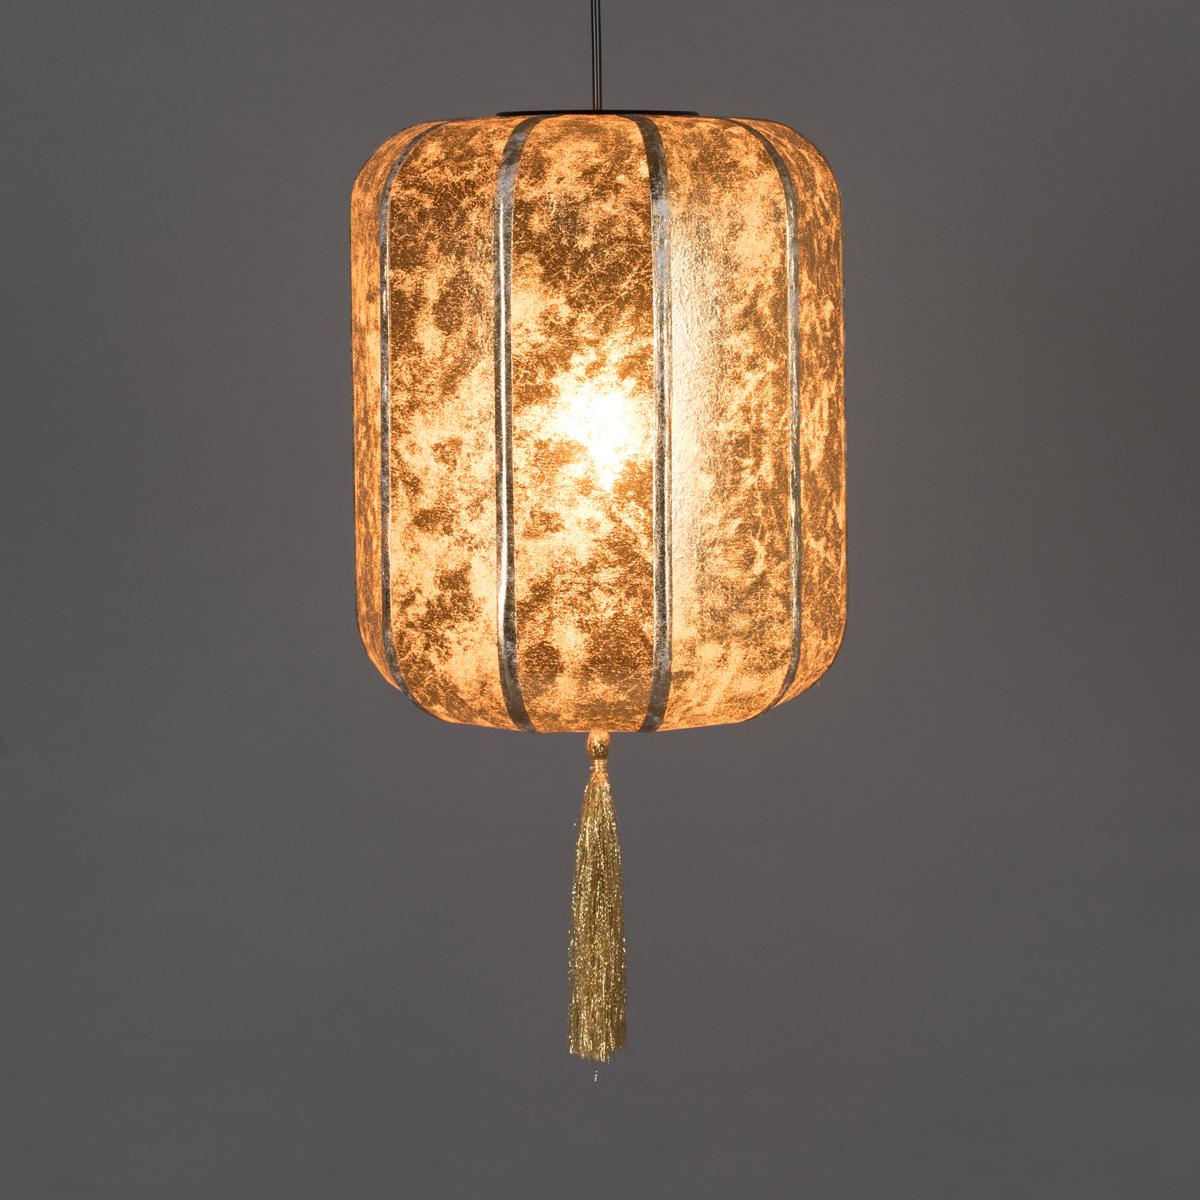 Chinese lampion hanglamp